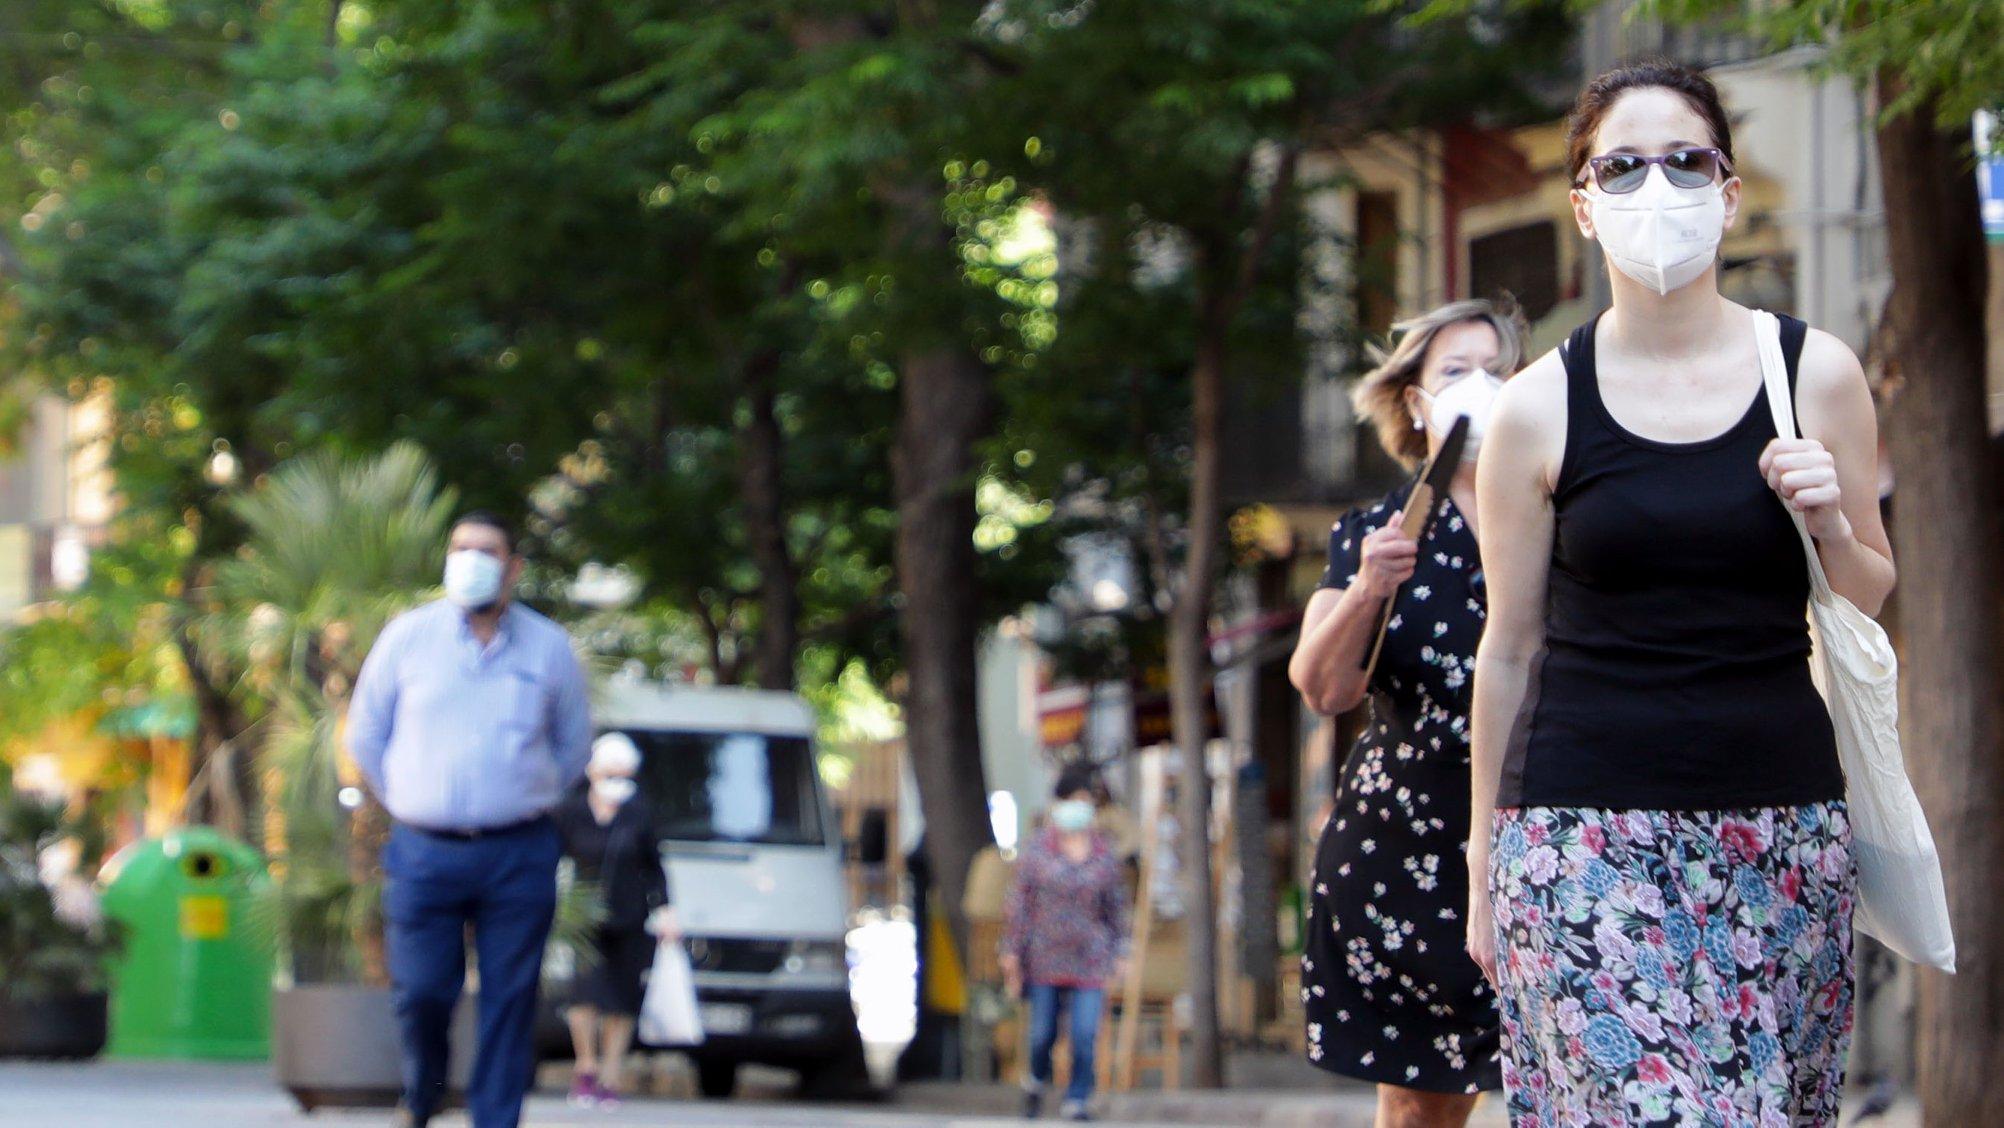 Sanitat informa de 10 casos nous a Peníscola i 3 a Vinaròs d'origen social